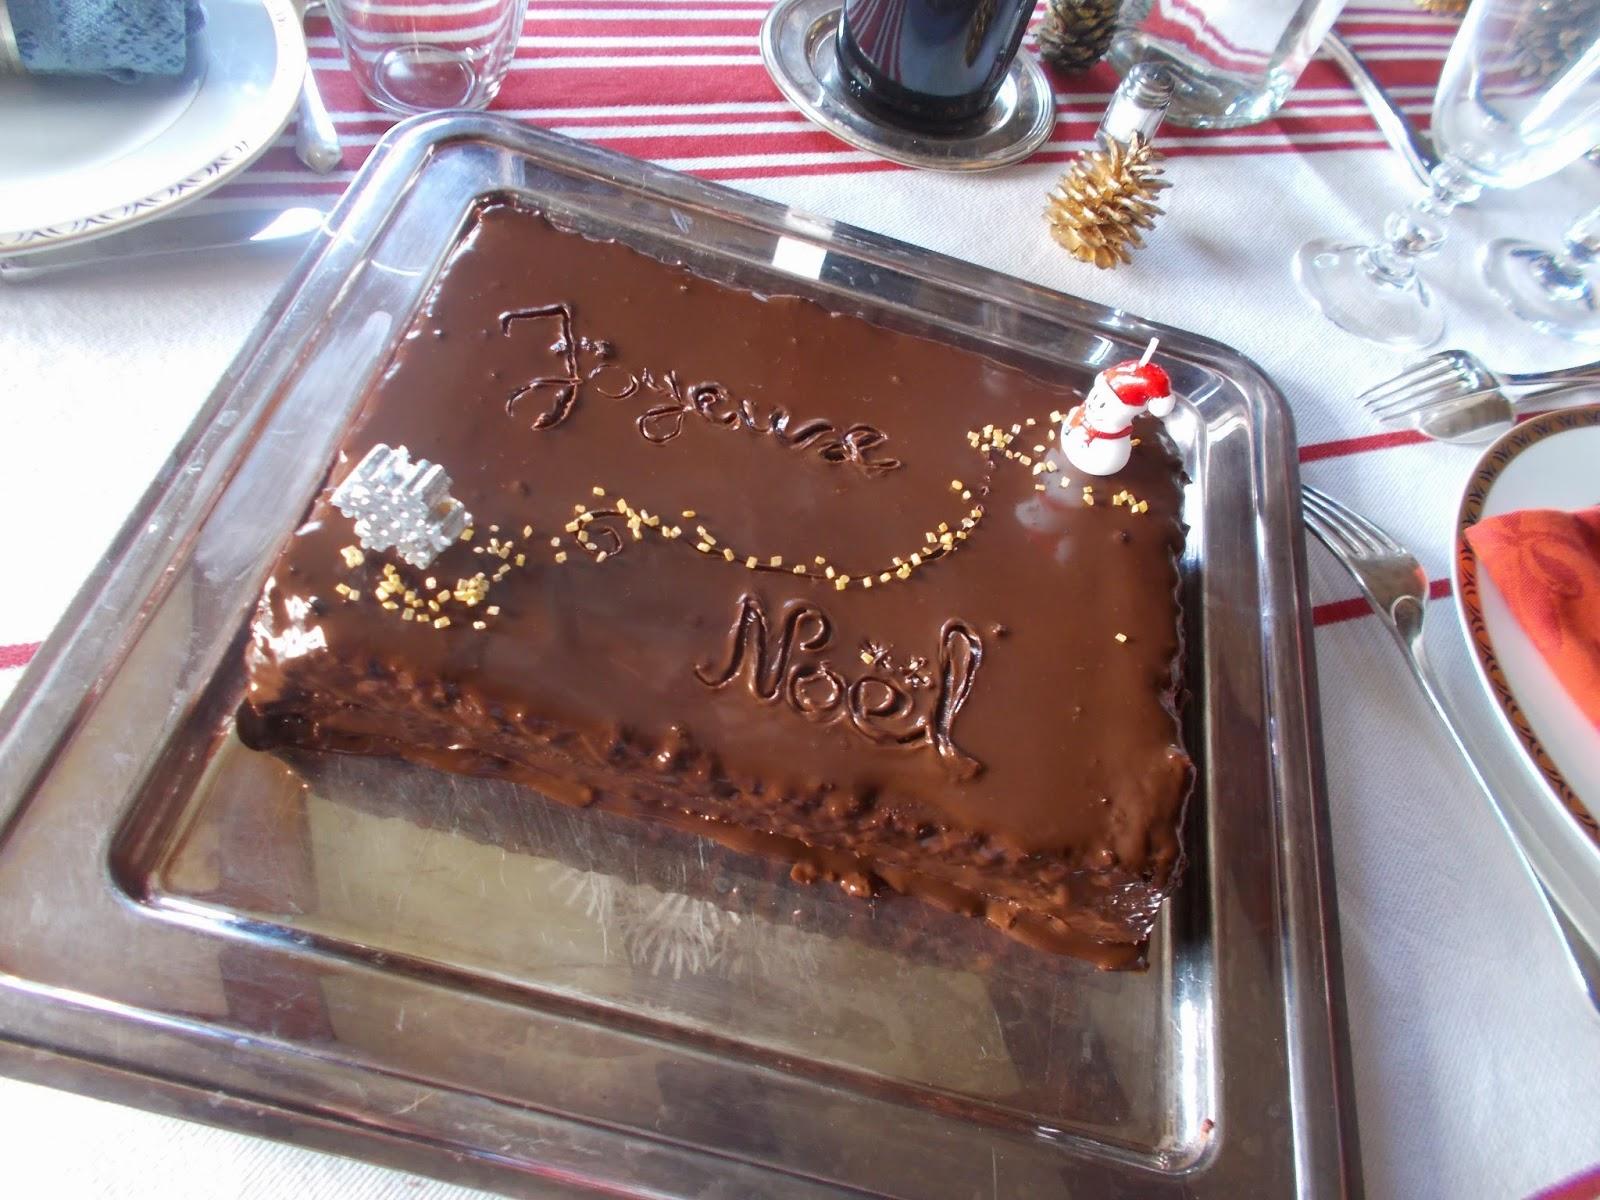 Gateau chocolat noisette, ou chocolat noix de coco, ou chocolat amande